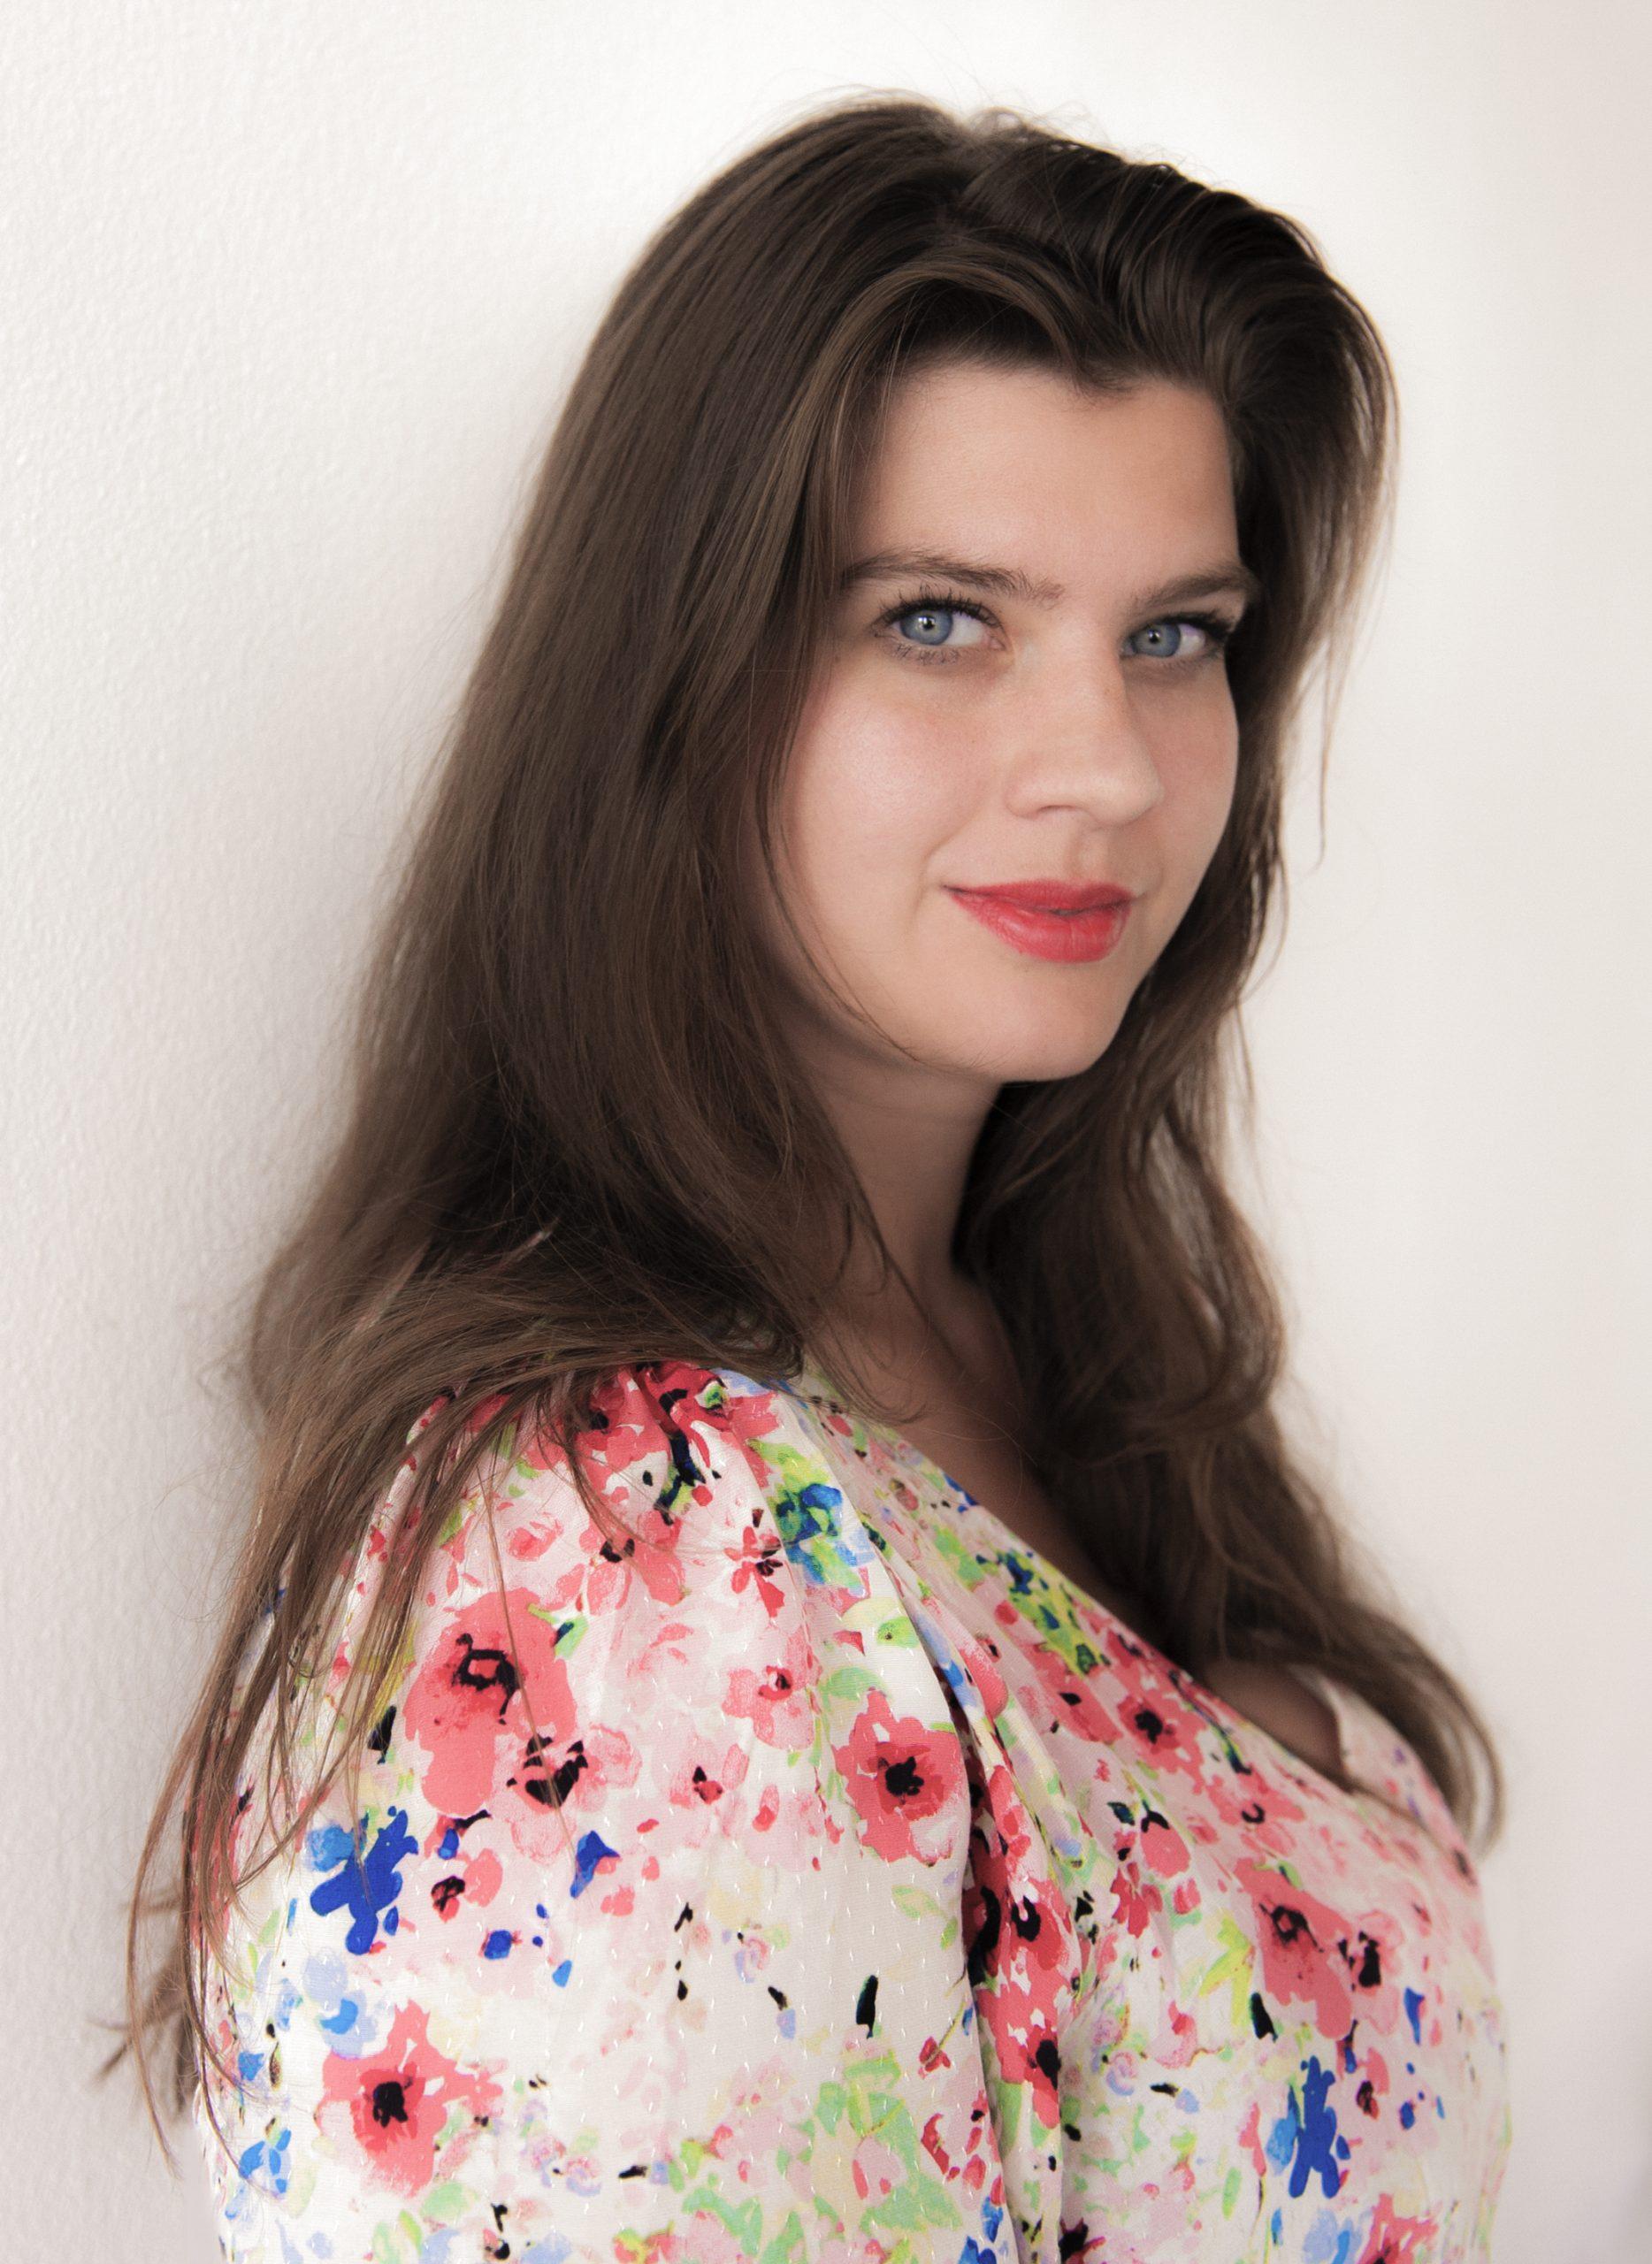 Asha Swillens